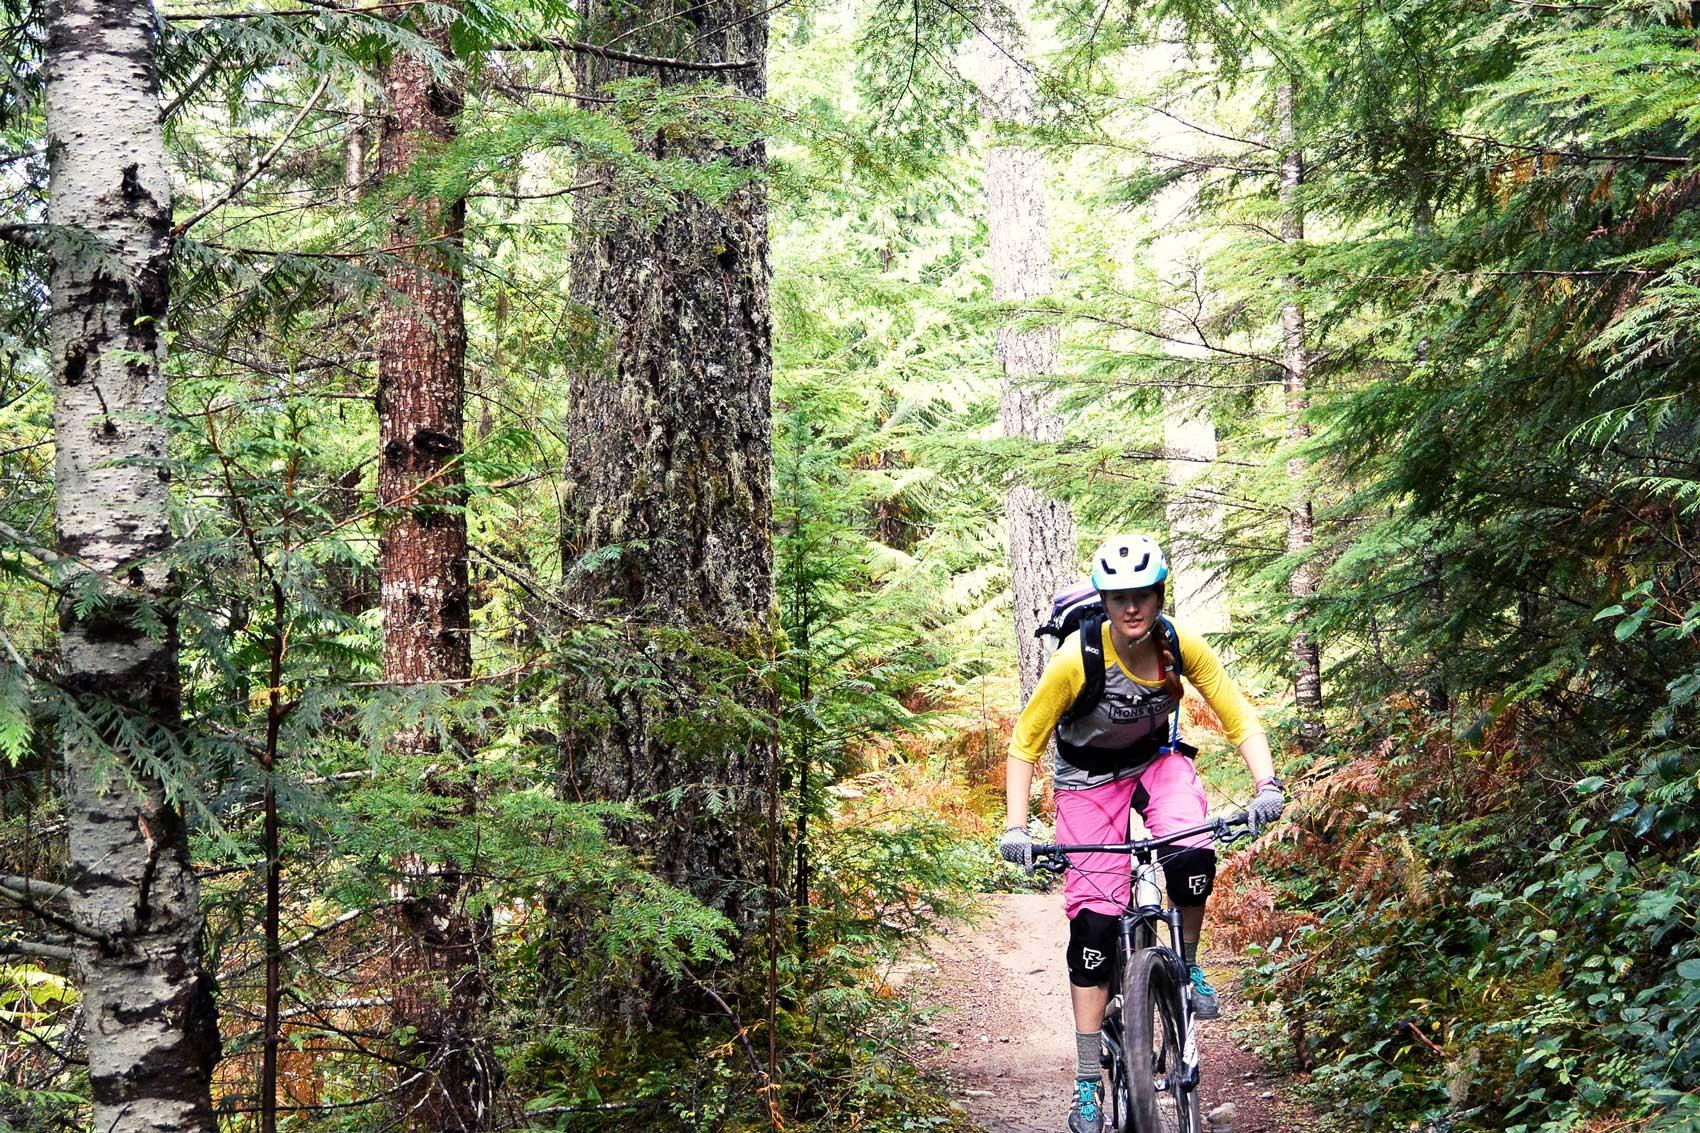 munich-mountain-girls-mtb-ausruestung-frauen-mountainbiken-bike-bekleidung-klamotten-damen